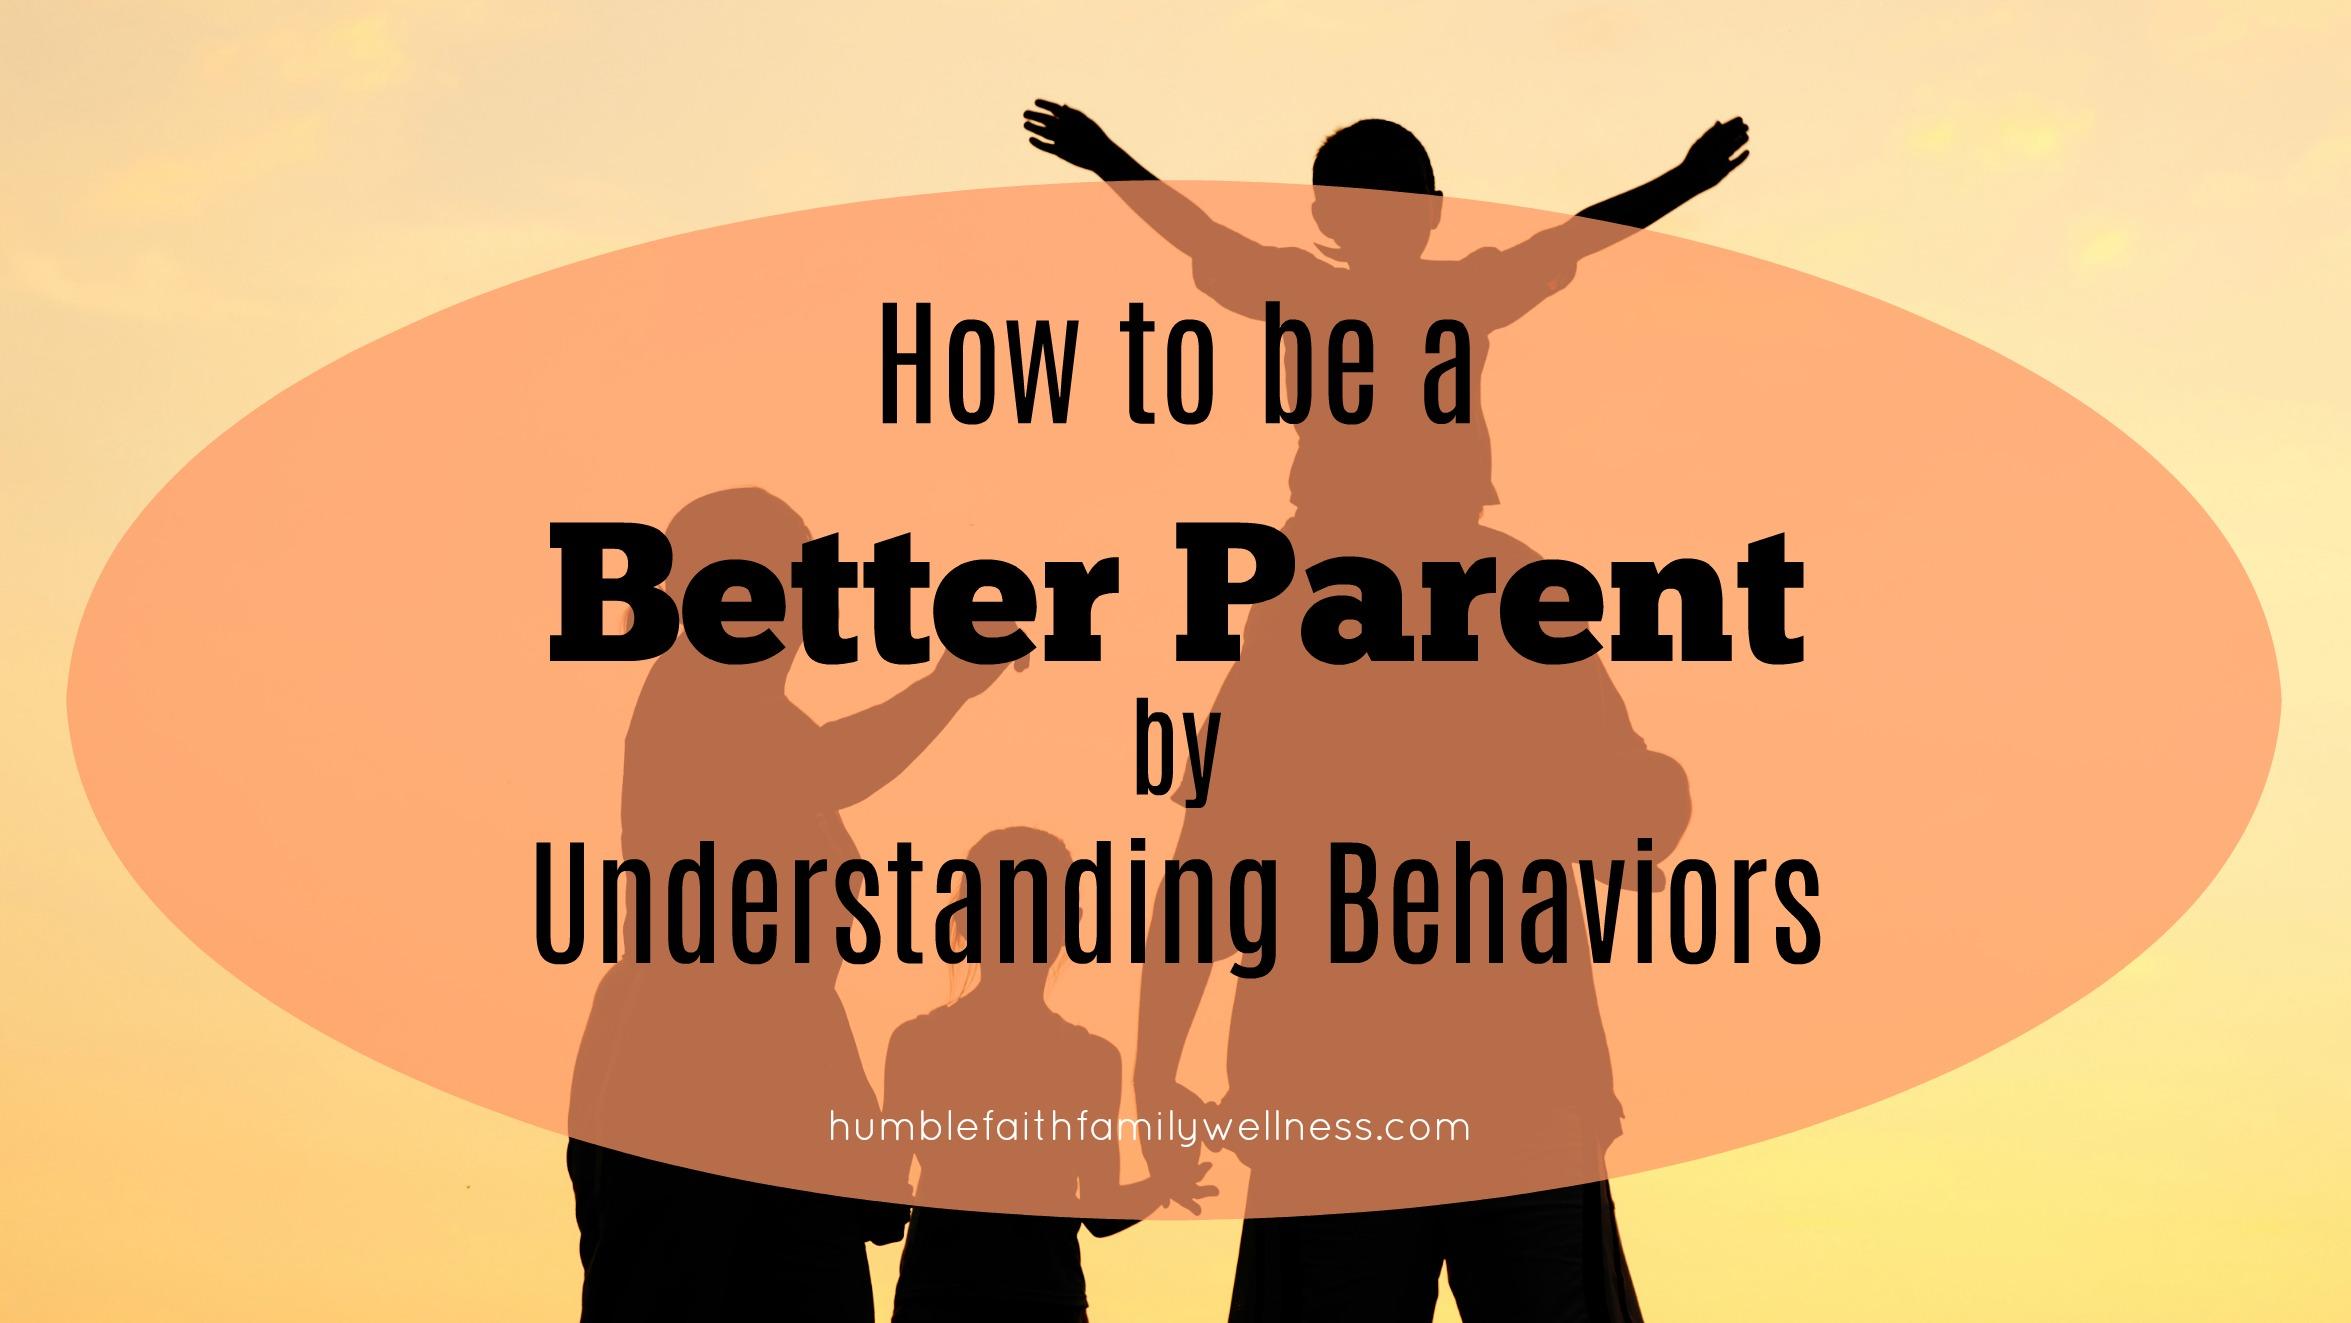 understanding behaviors, parenting